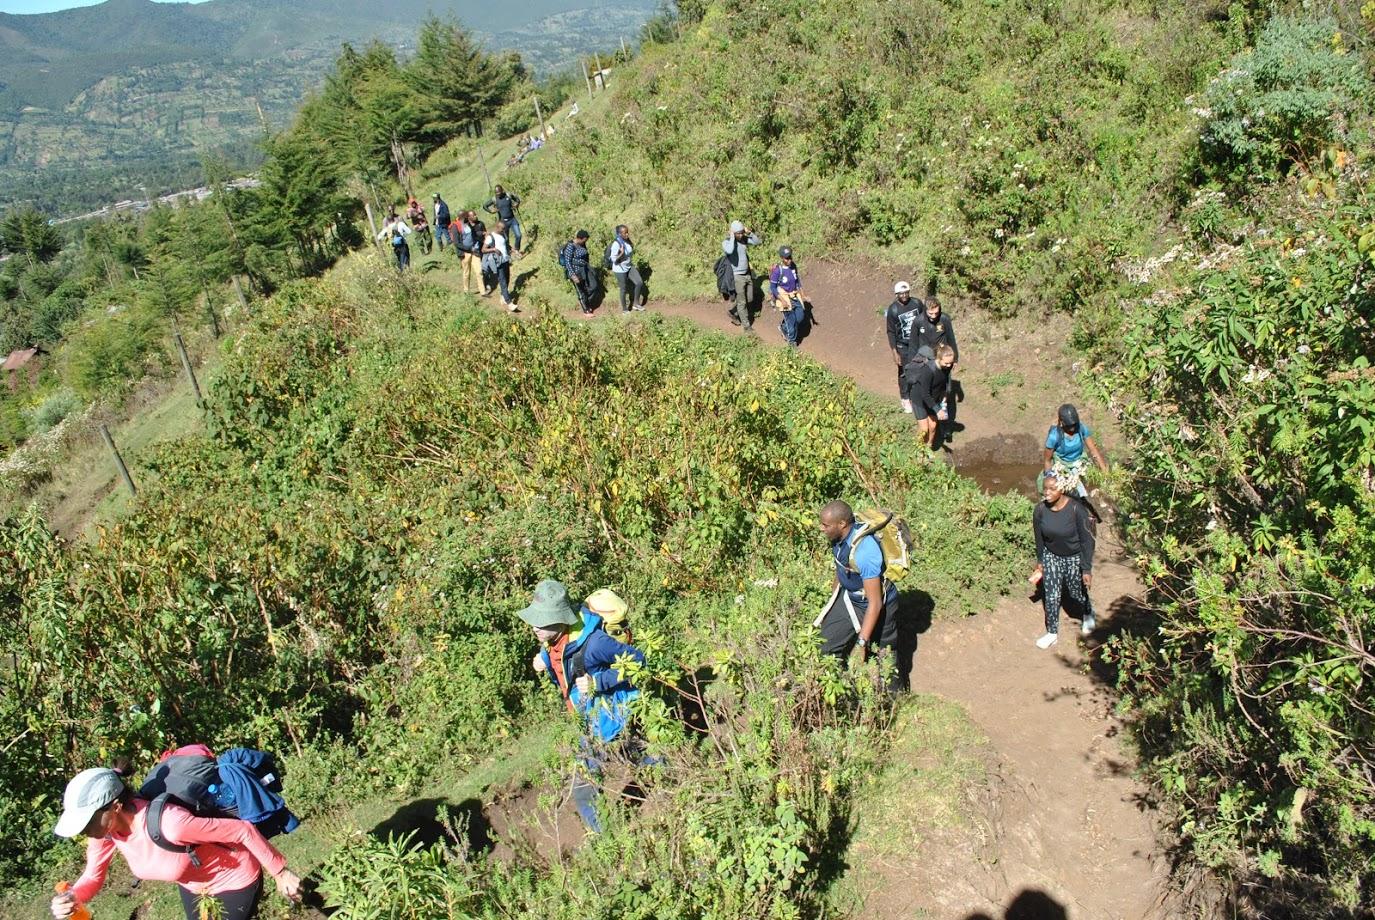 images/Hikers14.jpg